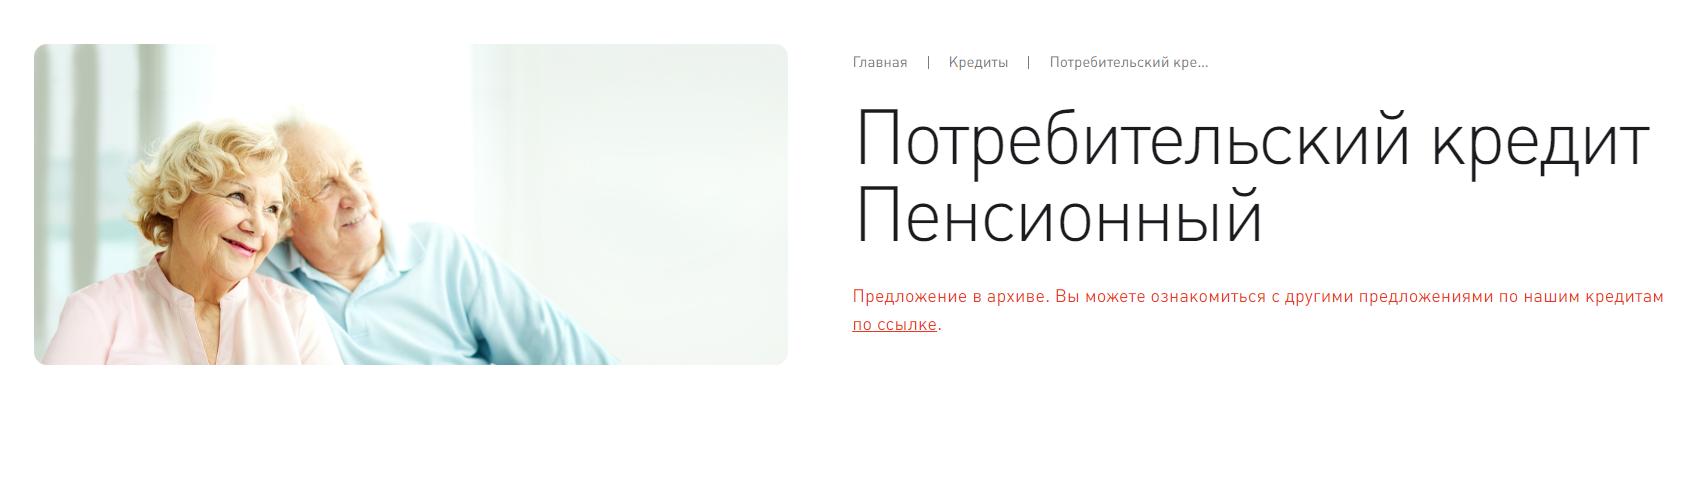 kredit-v-banke-vostochnyj-ekspress-dlya-pensionerov_15